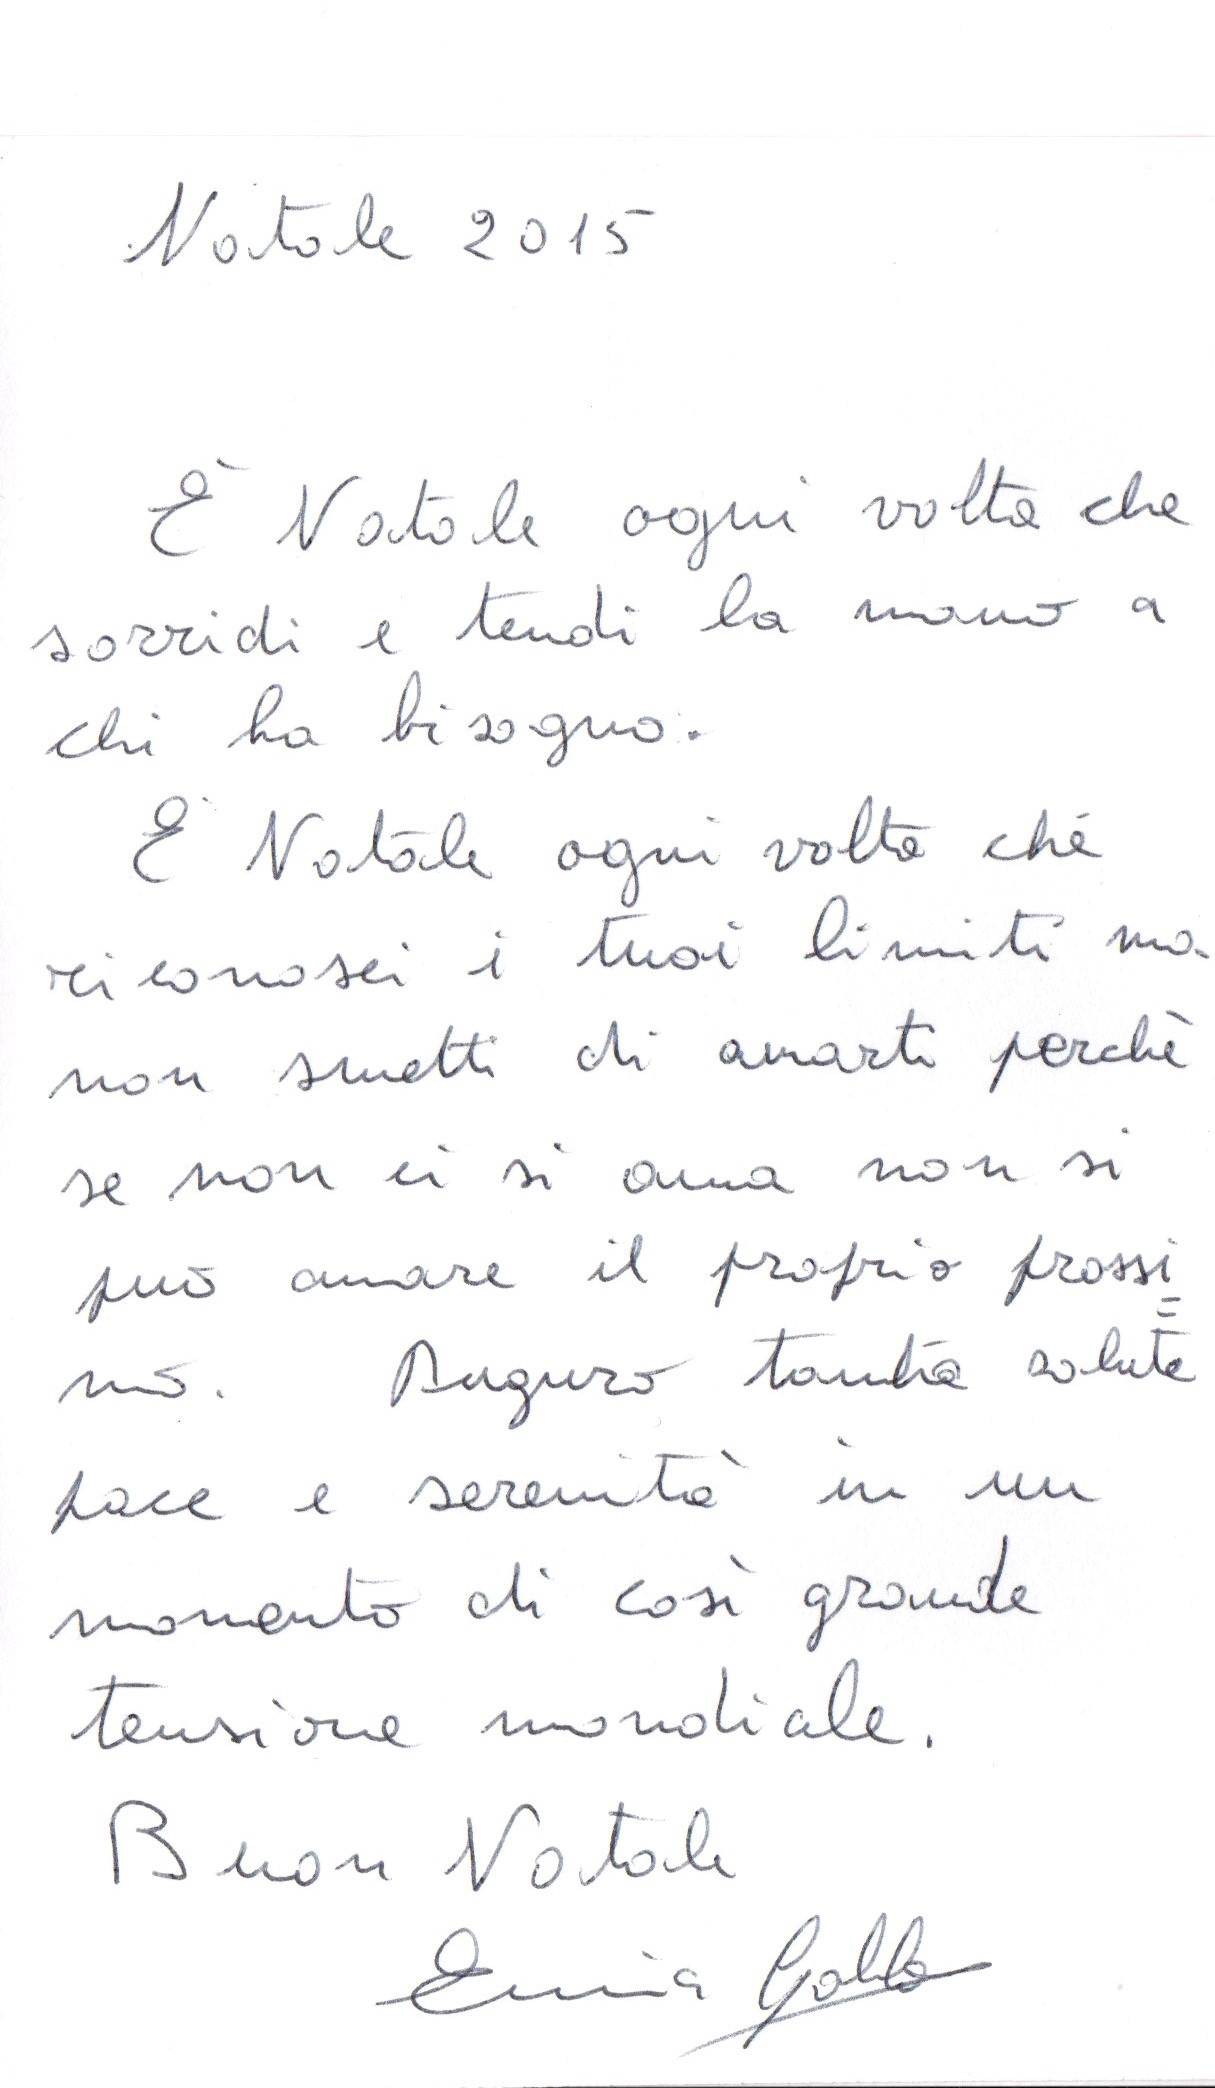 PENSIERI DI NATALE005